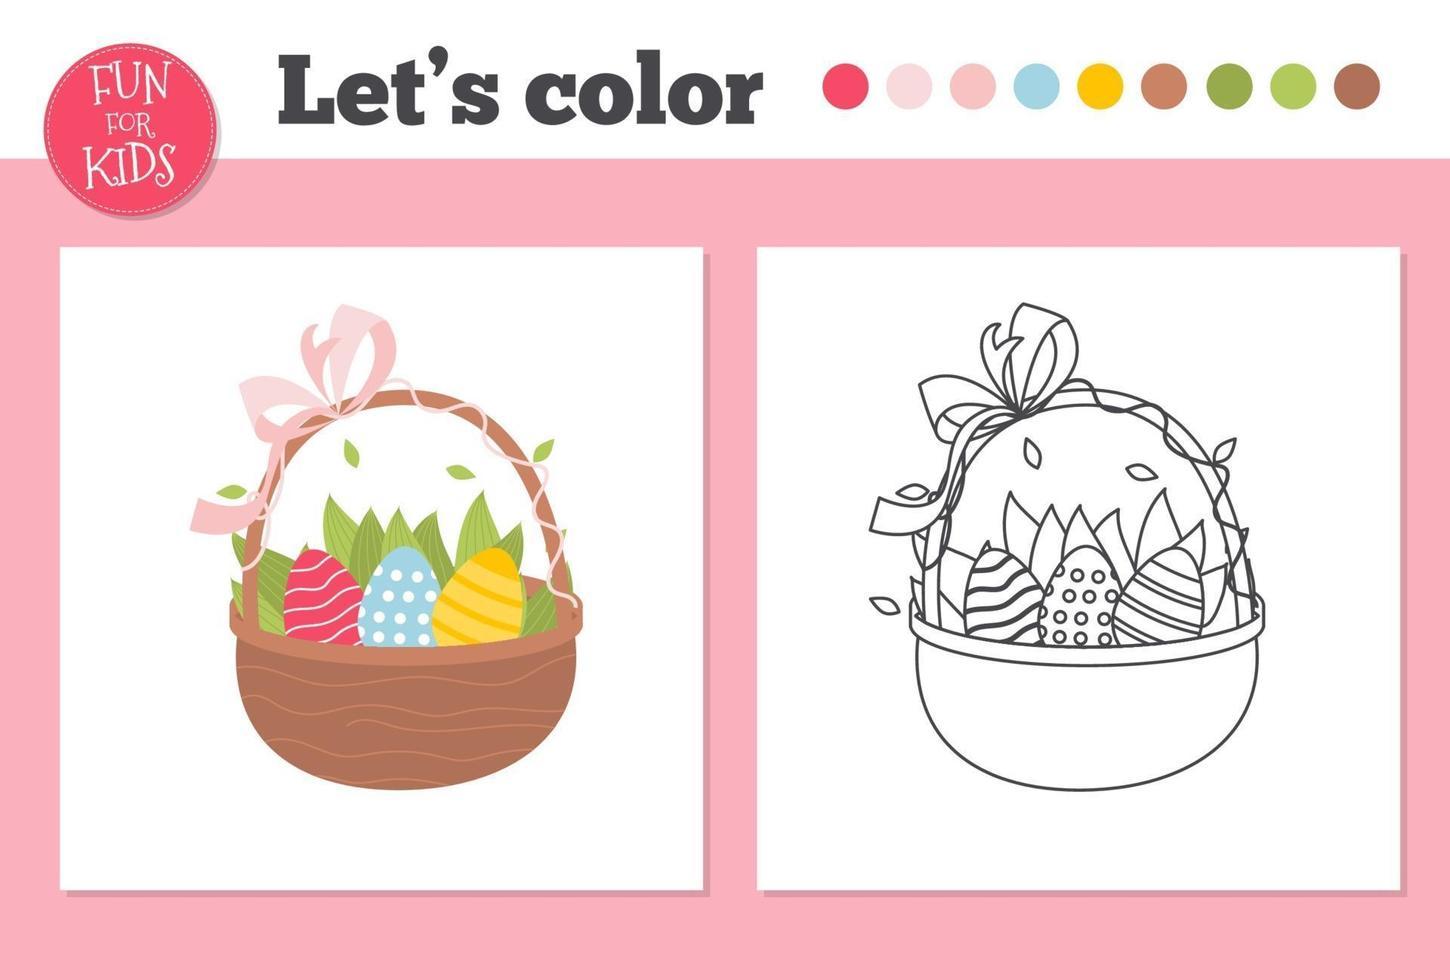 målarbok påskägg för förskolebarn med enkel pedagogisk spelnivå. vektor